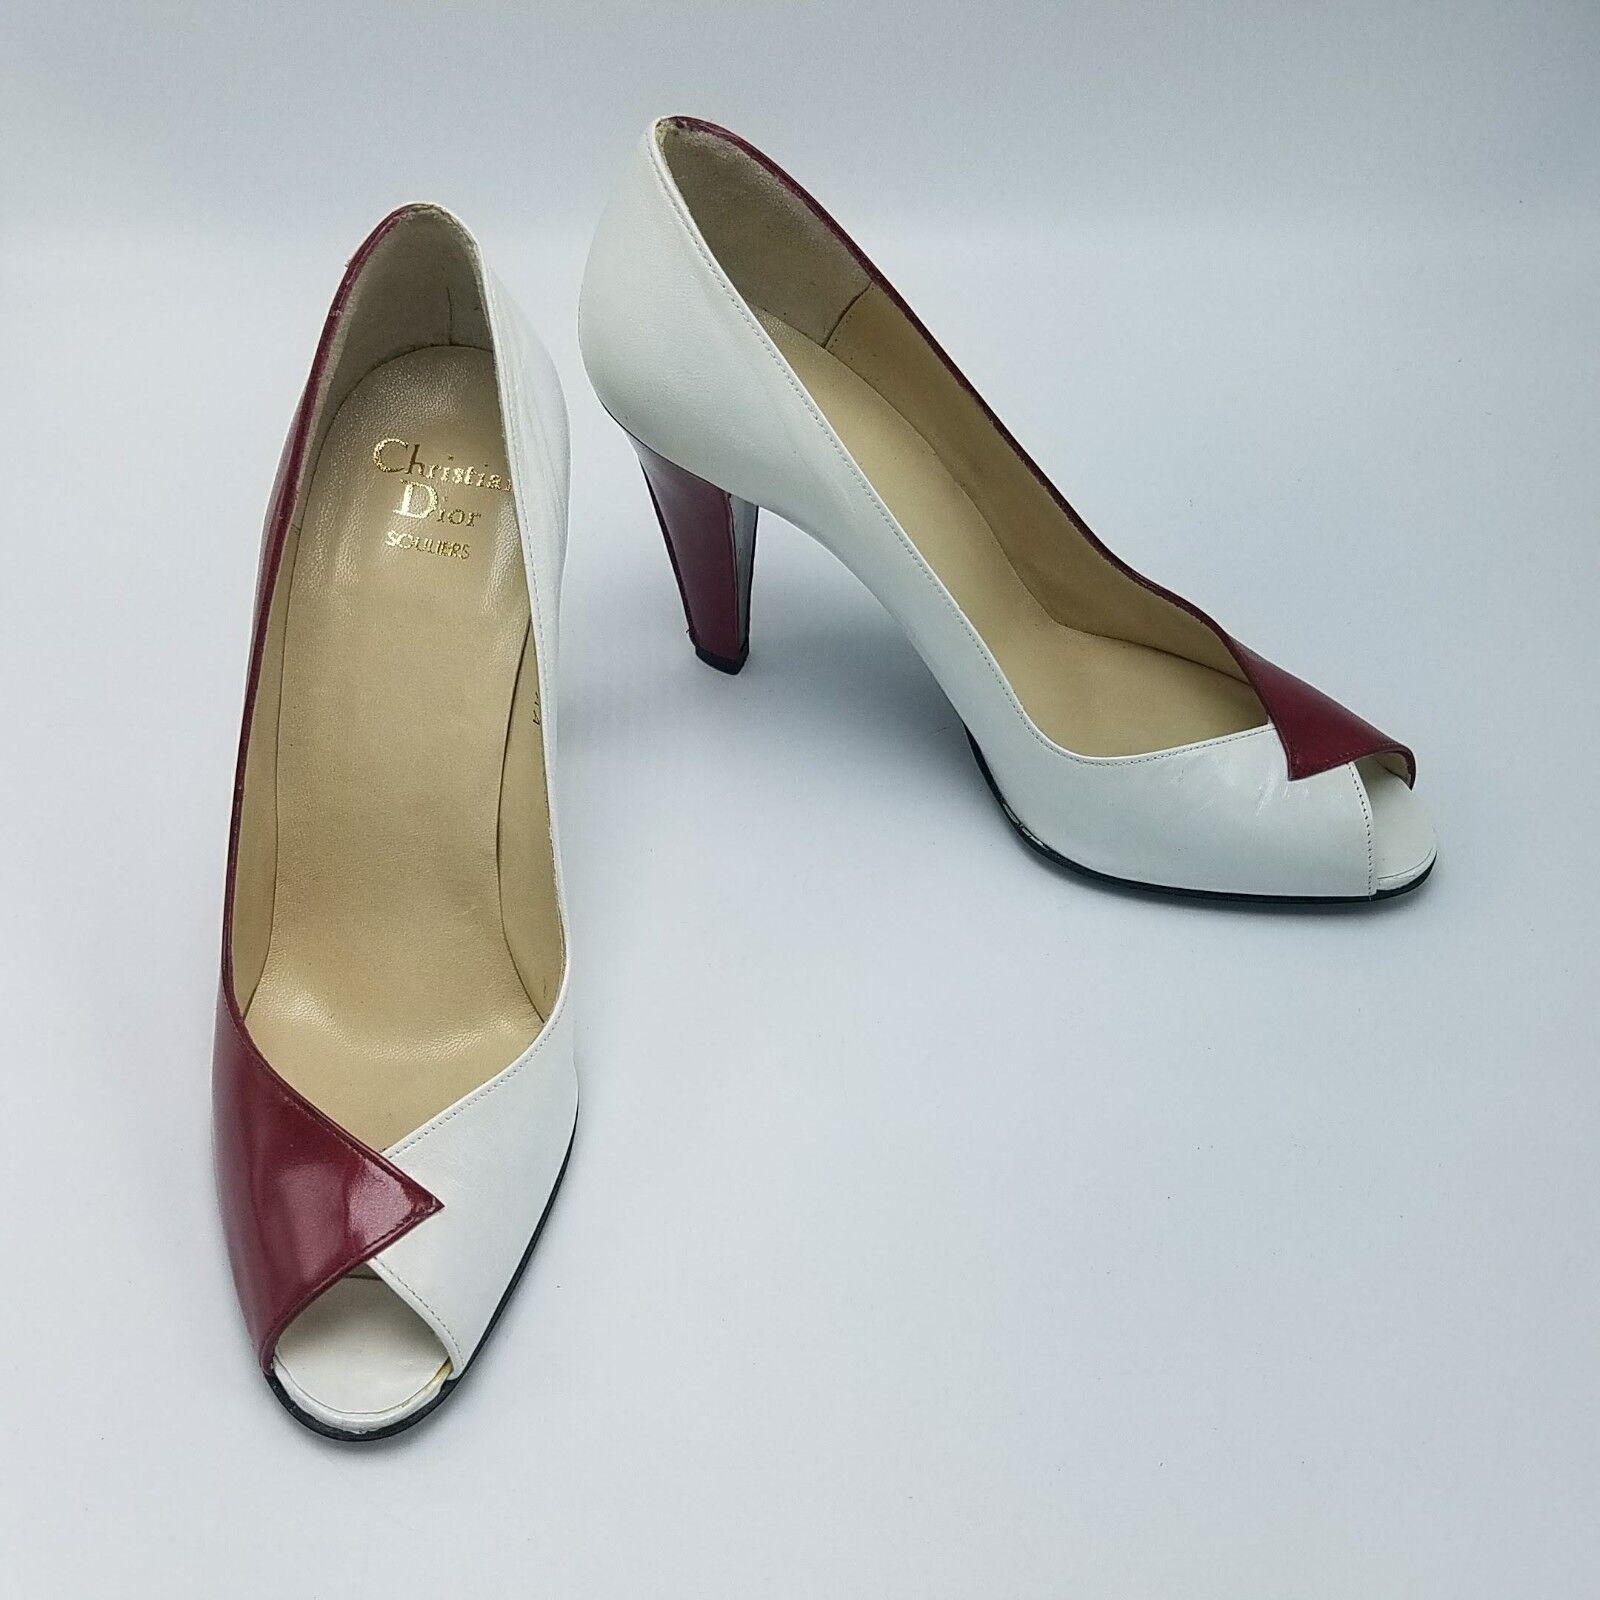 alta qualità generale Vtg DIOR scarpe Leather Classic Peep Toe Toe Toe Pumps rosso   bianca Dimensione 7.5 AA Narrow  spedizione e scambi gratuiti.